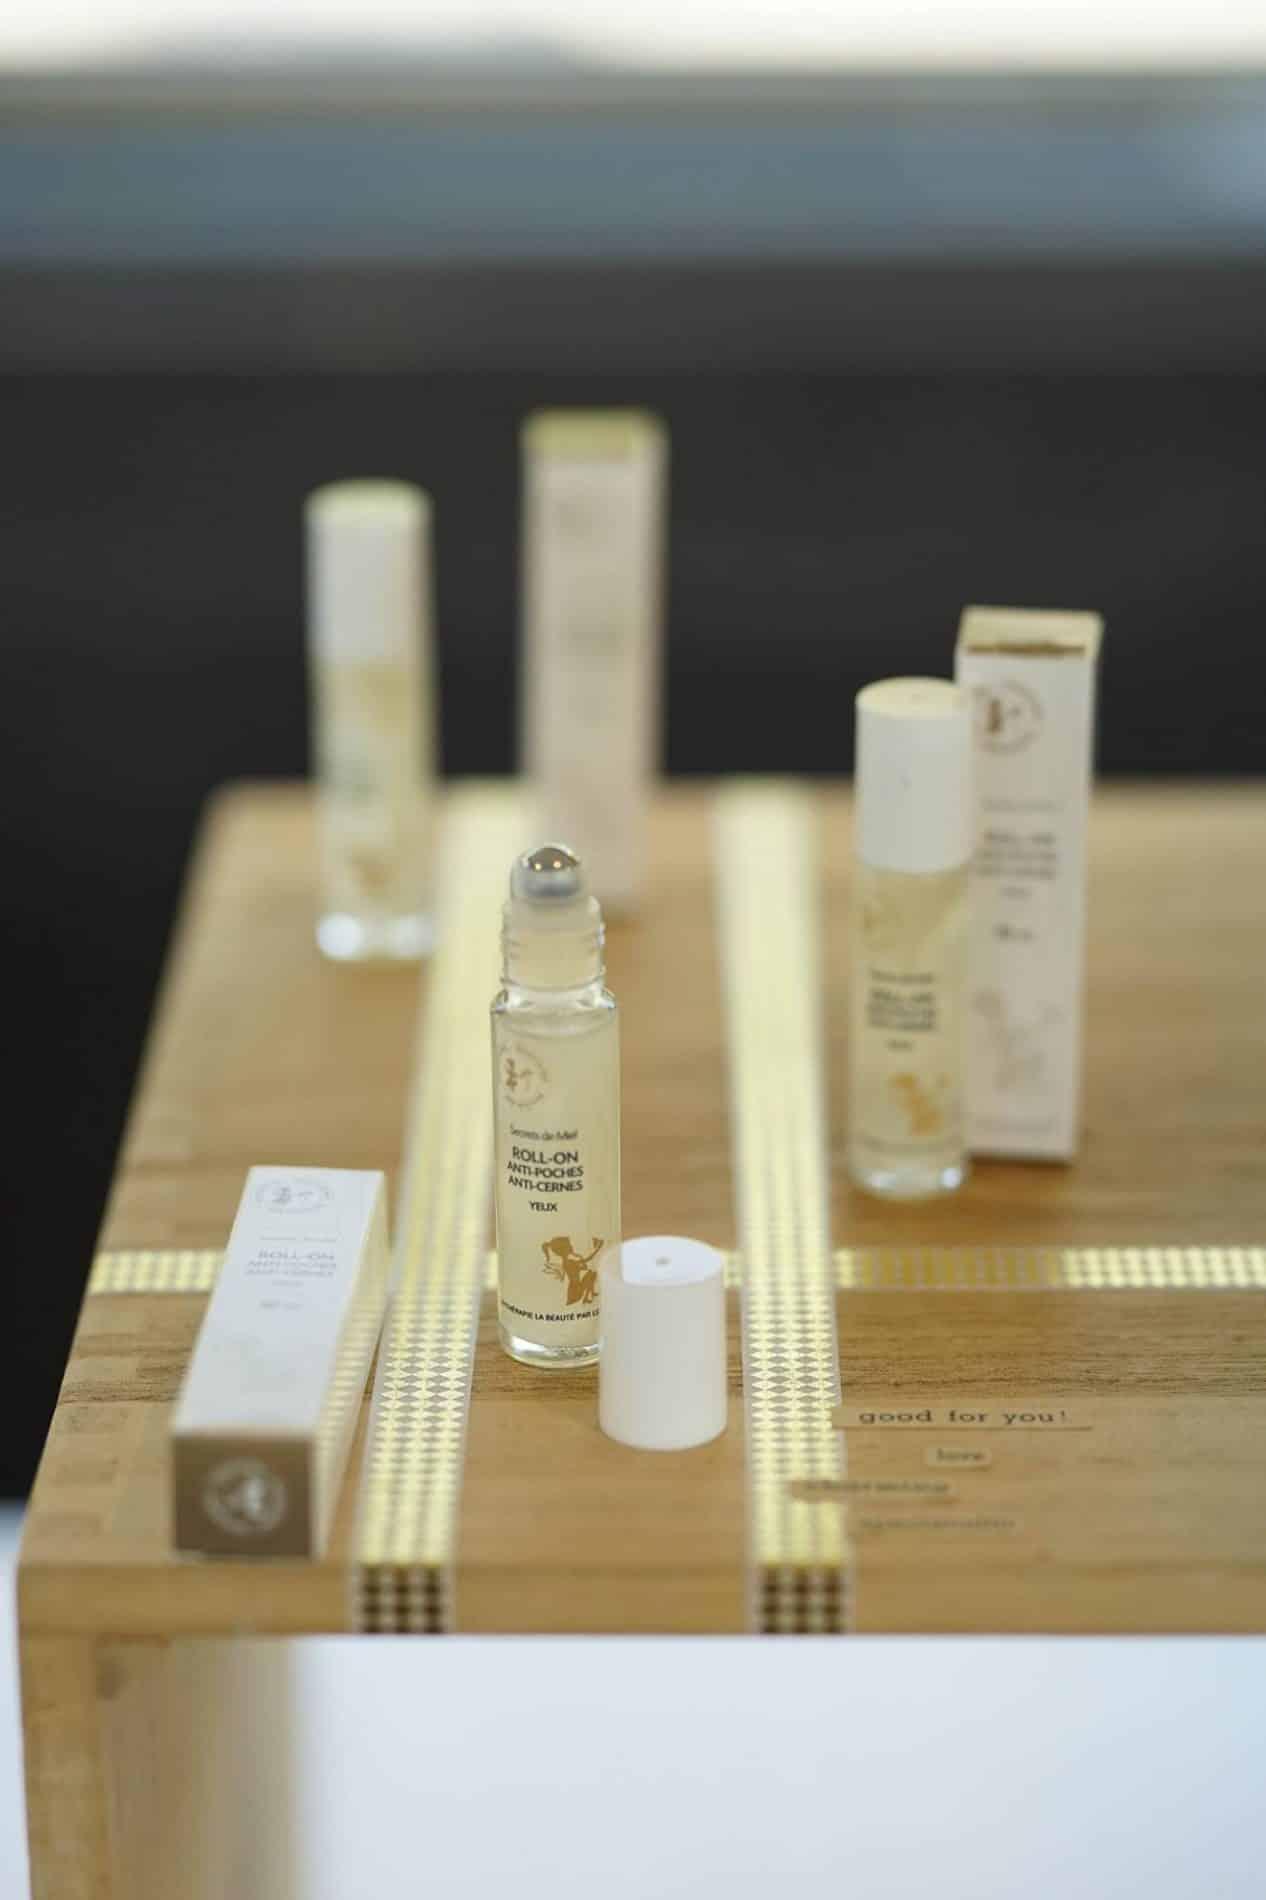 Roll-on - Vendeur à domicile indépendant - vente directe en cosmétiques - cosmétiques naturelles - apithérapie - produits de la ruche - made in France - Secrets de miel - anti-âge - anti-tâches - anti-rides - save the bees - sauver les abeilles